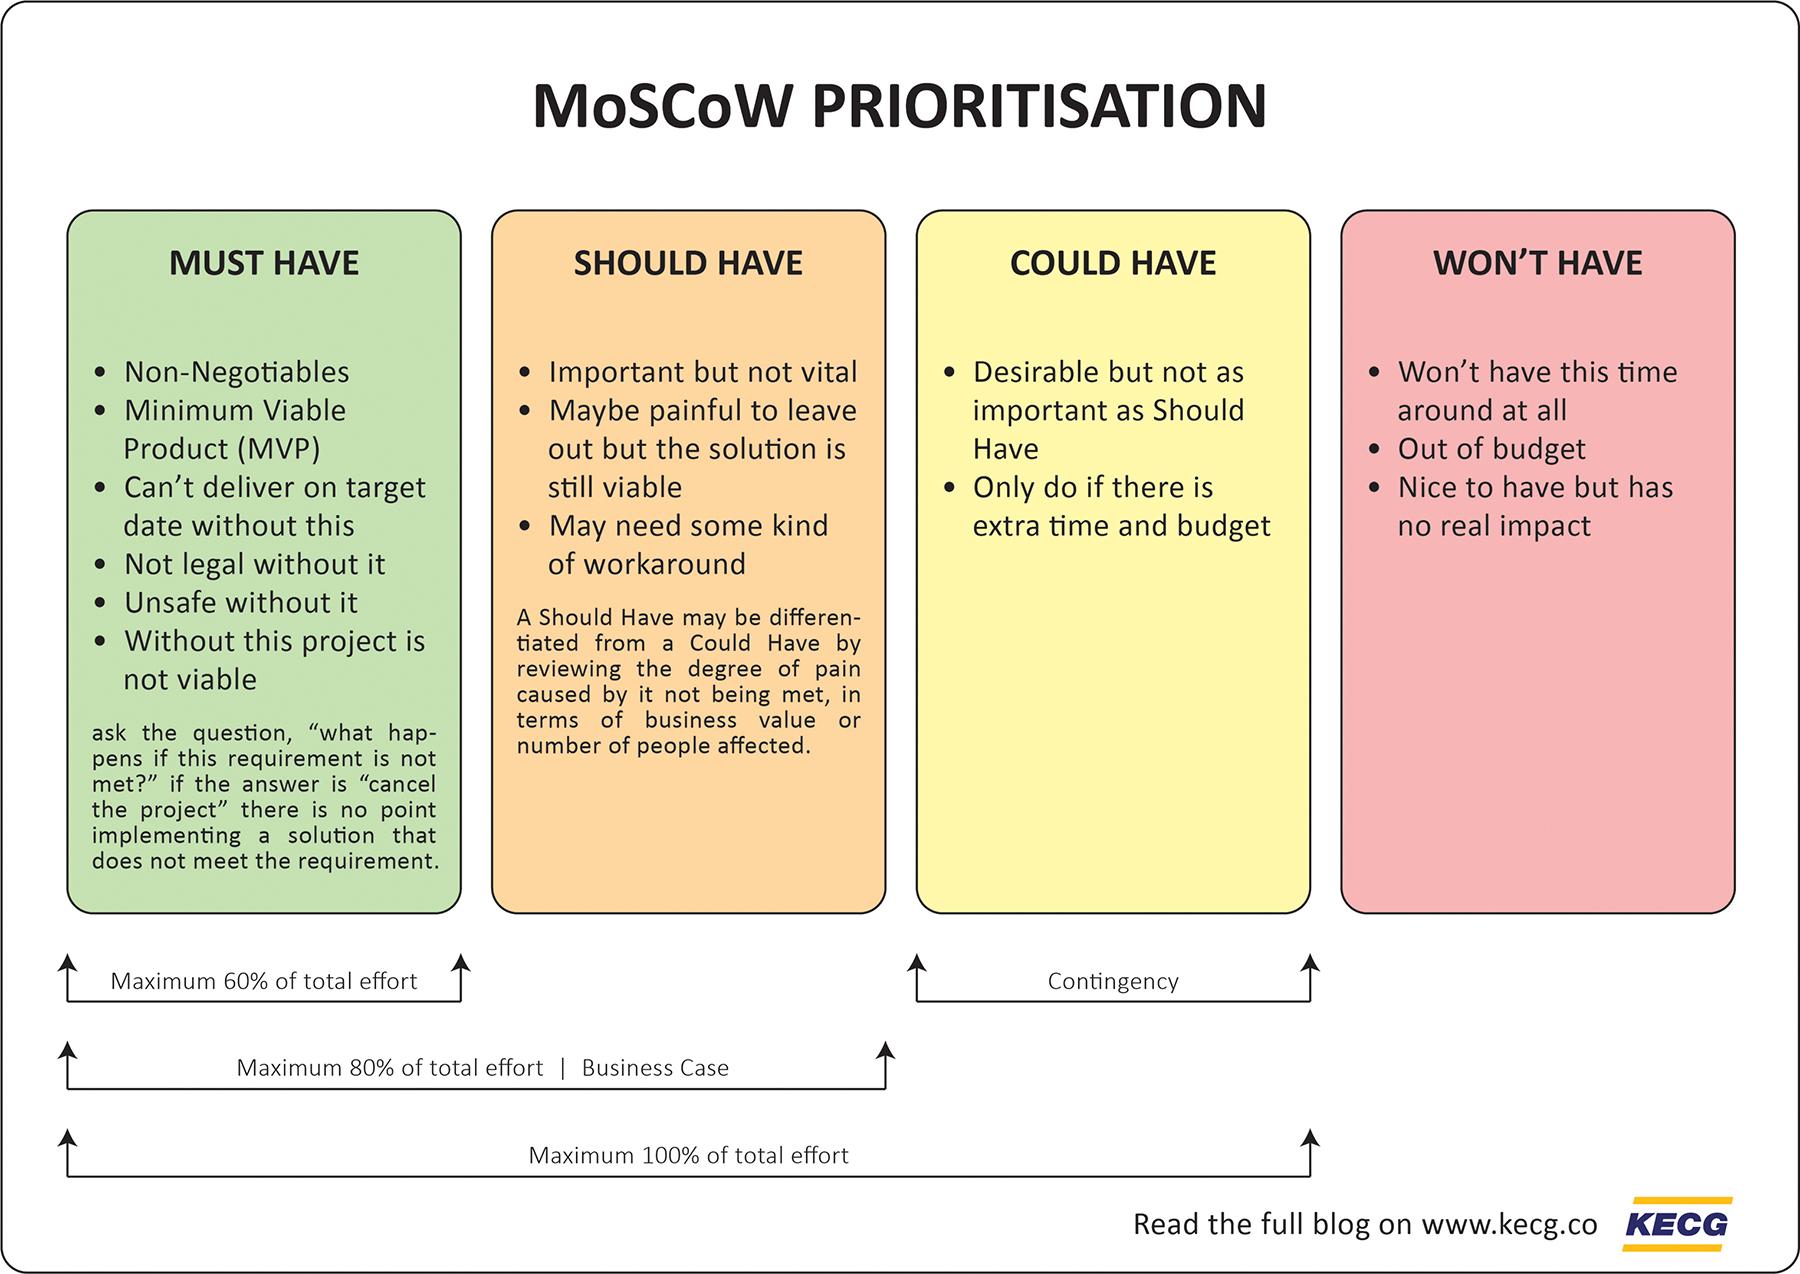 """Znalezione obrazy dla zapytania: moscow prioritization"""""""